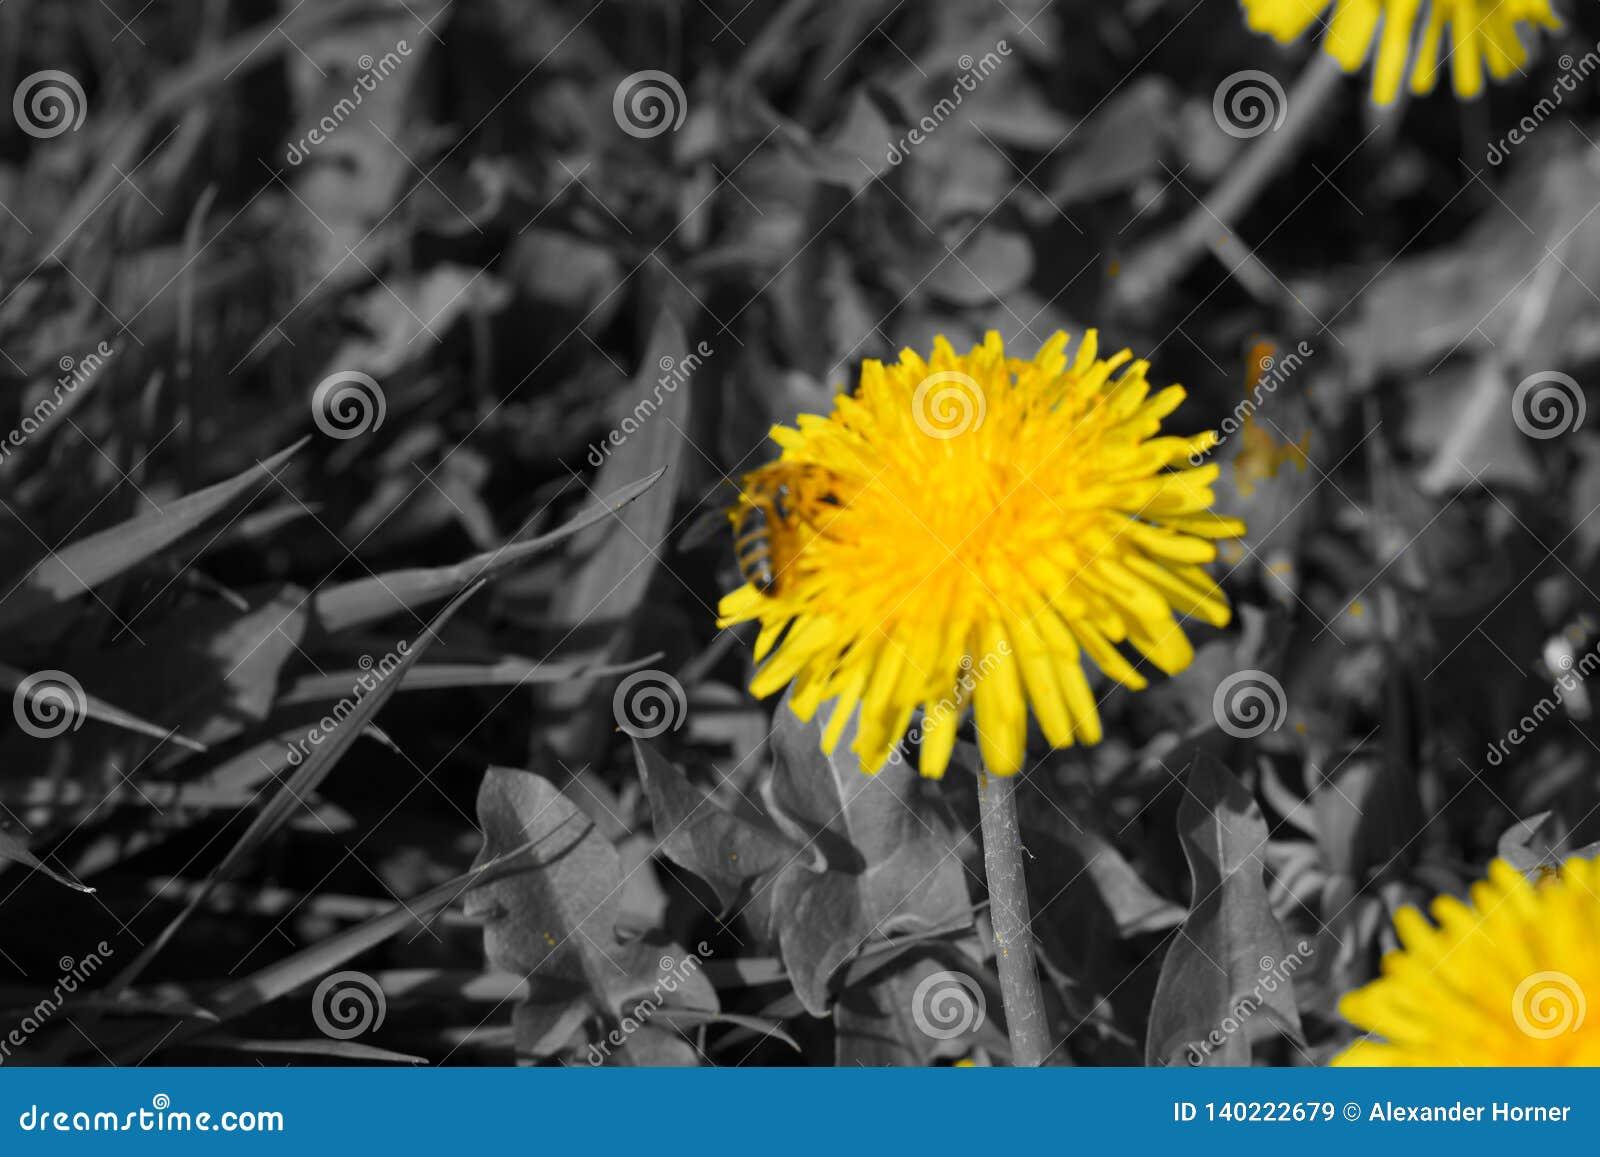 Fiore giallo bianco nero sul prato